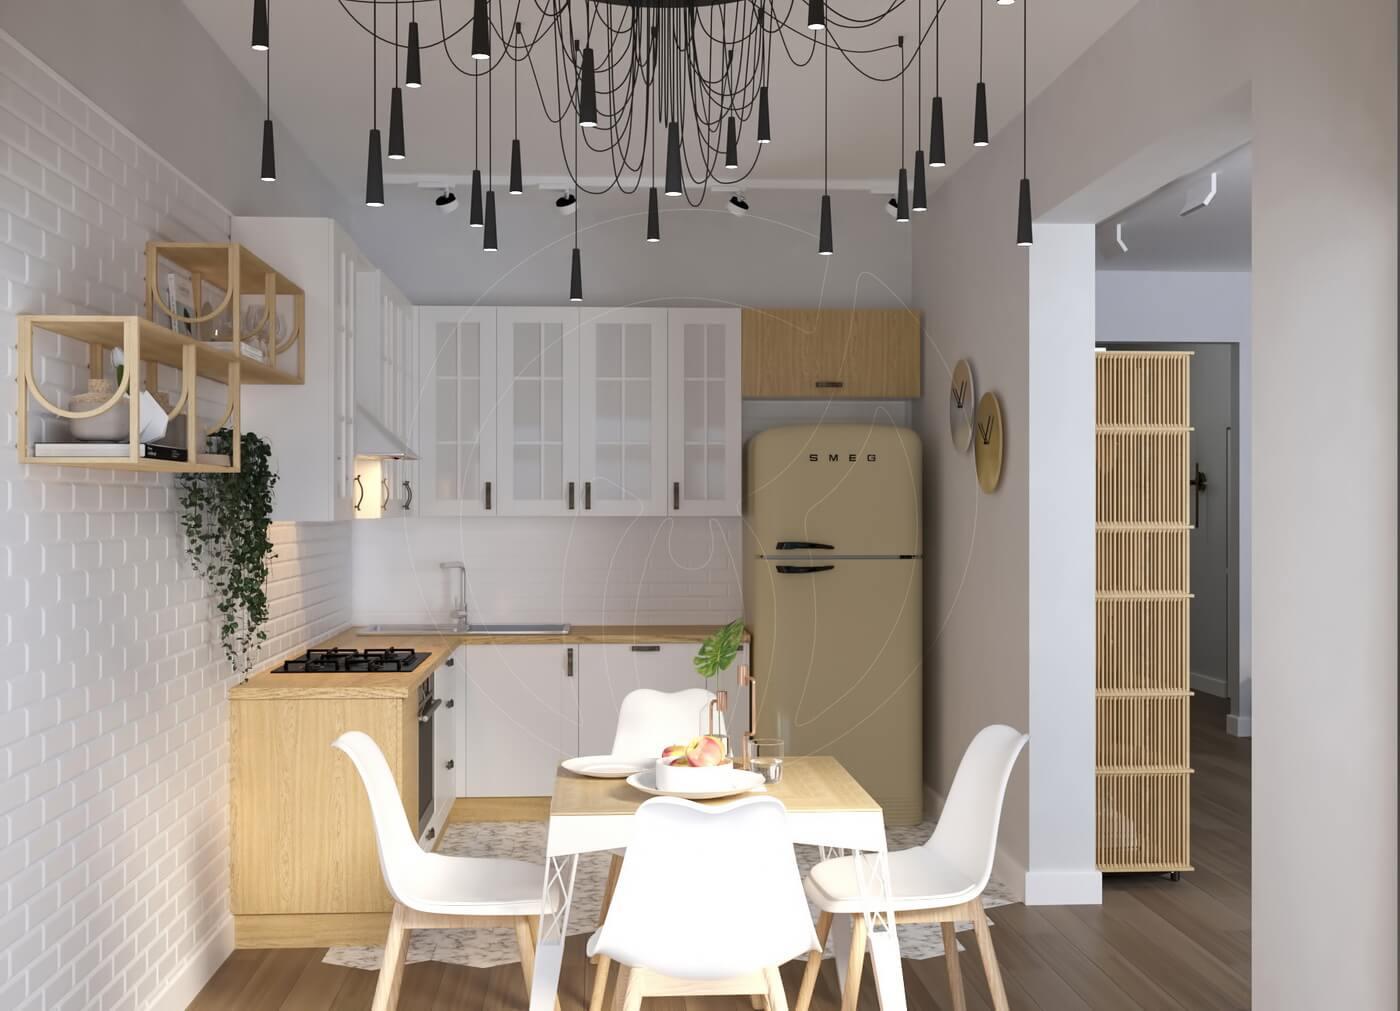 Квартира в скандинавском стиле и стиле LOFT. Белая кухня